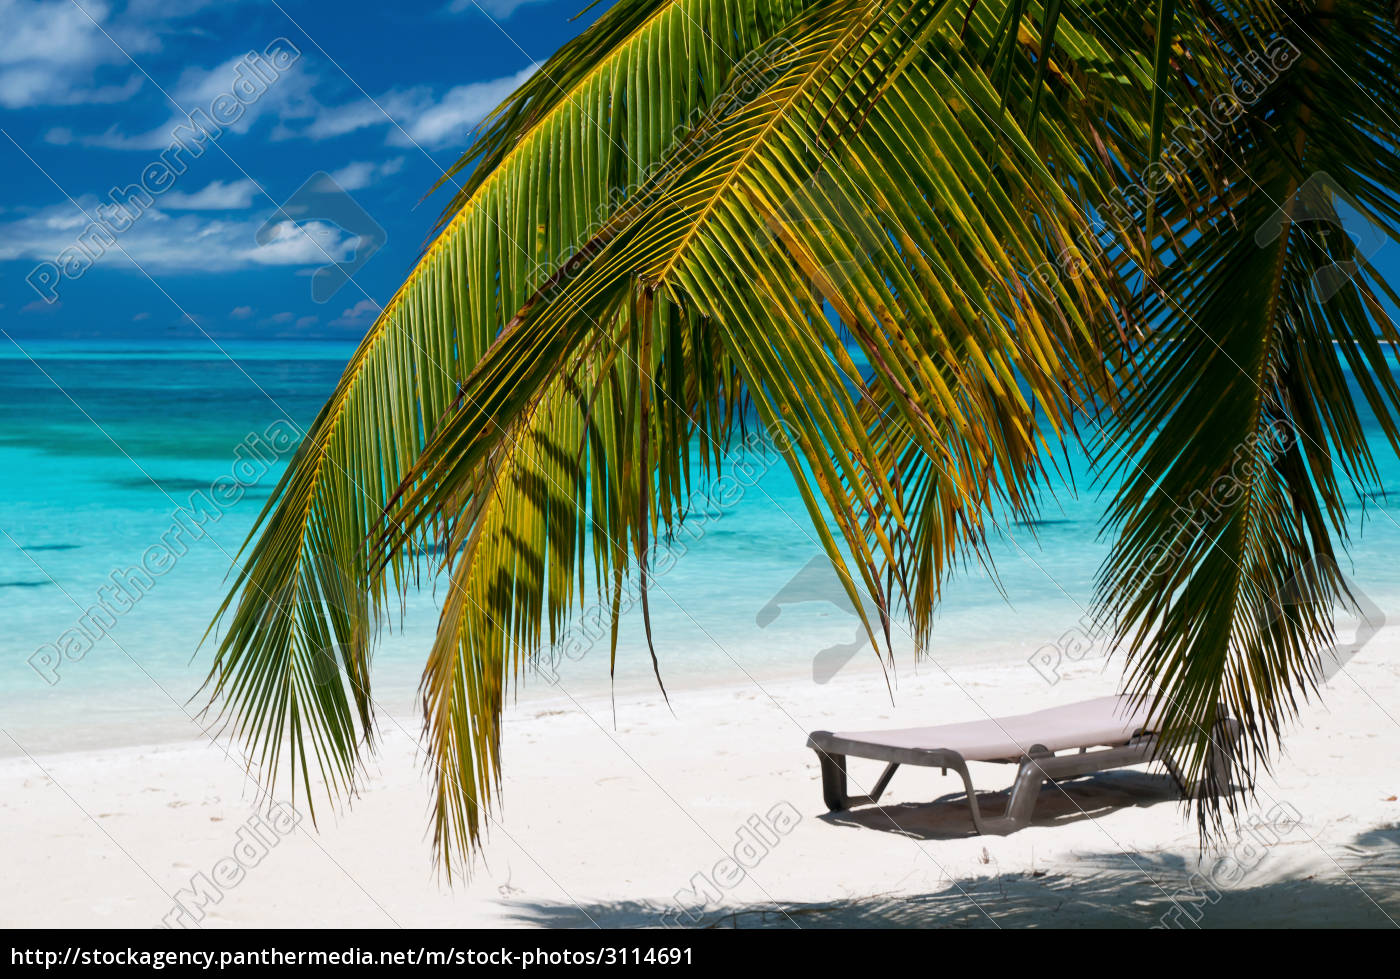 strand mit liegestuhl und palmen lizenzfreies bild 3114691 bildagentur panthermedia. Black Bedroom Furniture Sets. Home Design Ideas